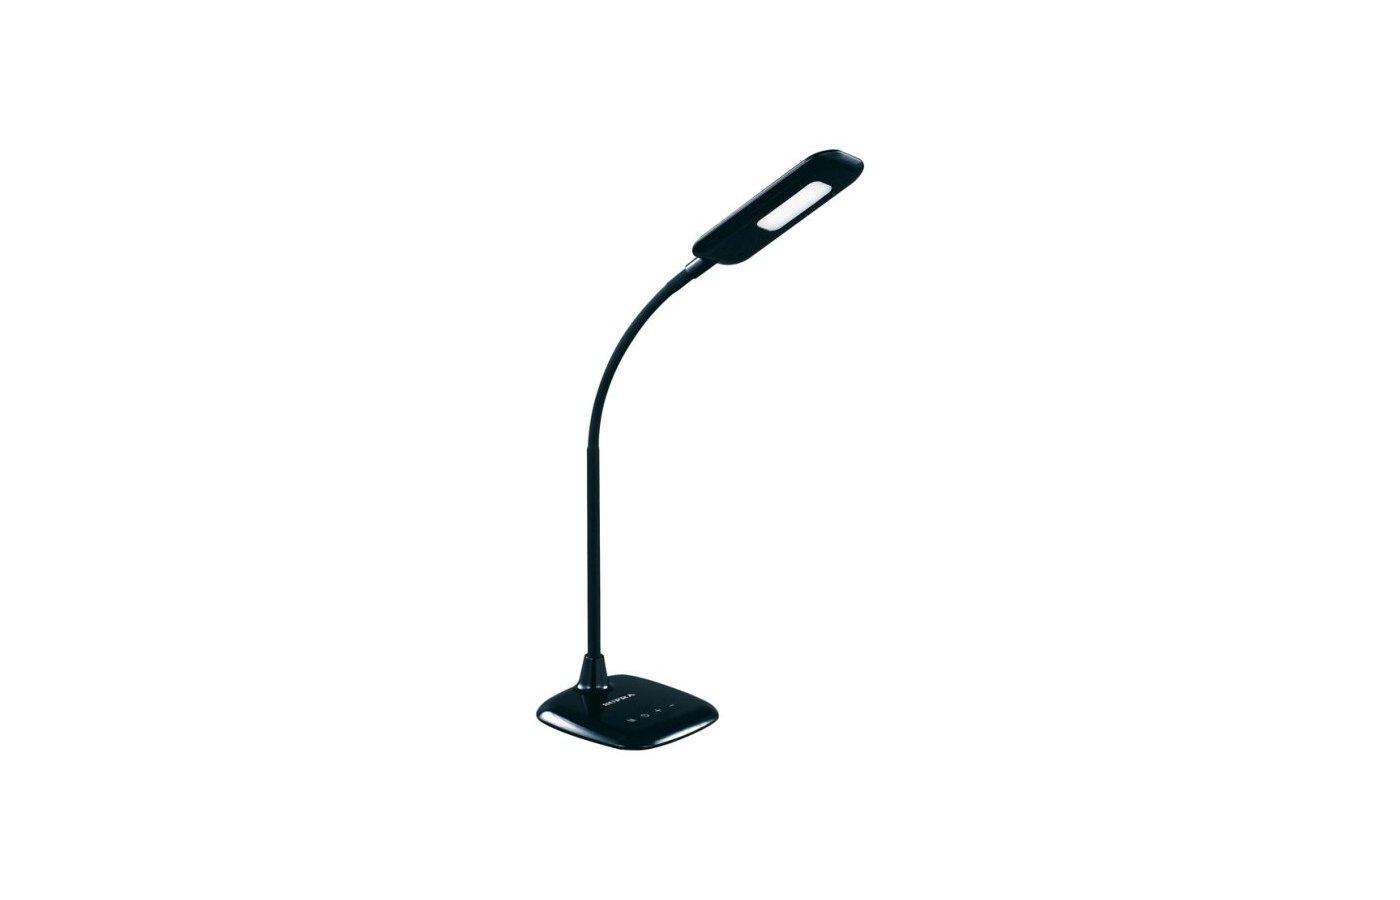 Светильник настольный SUPRA SL-TL503 black